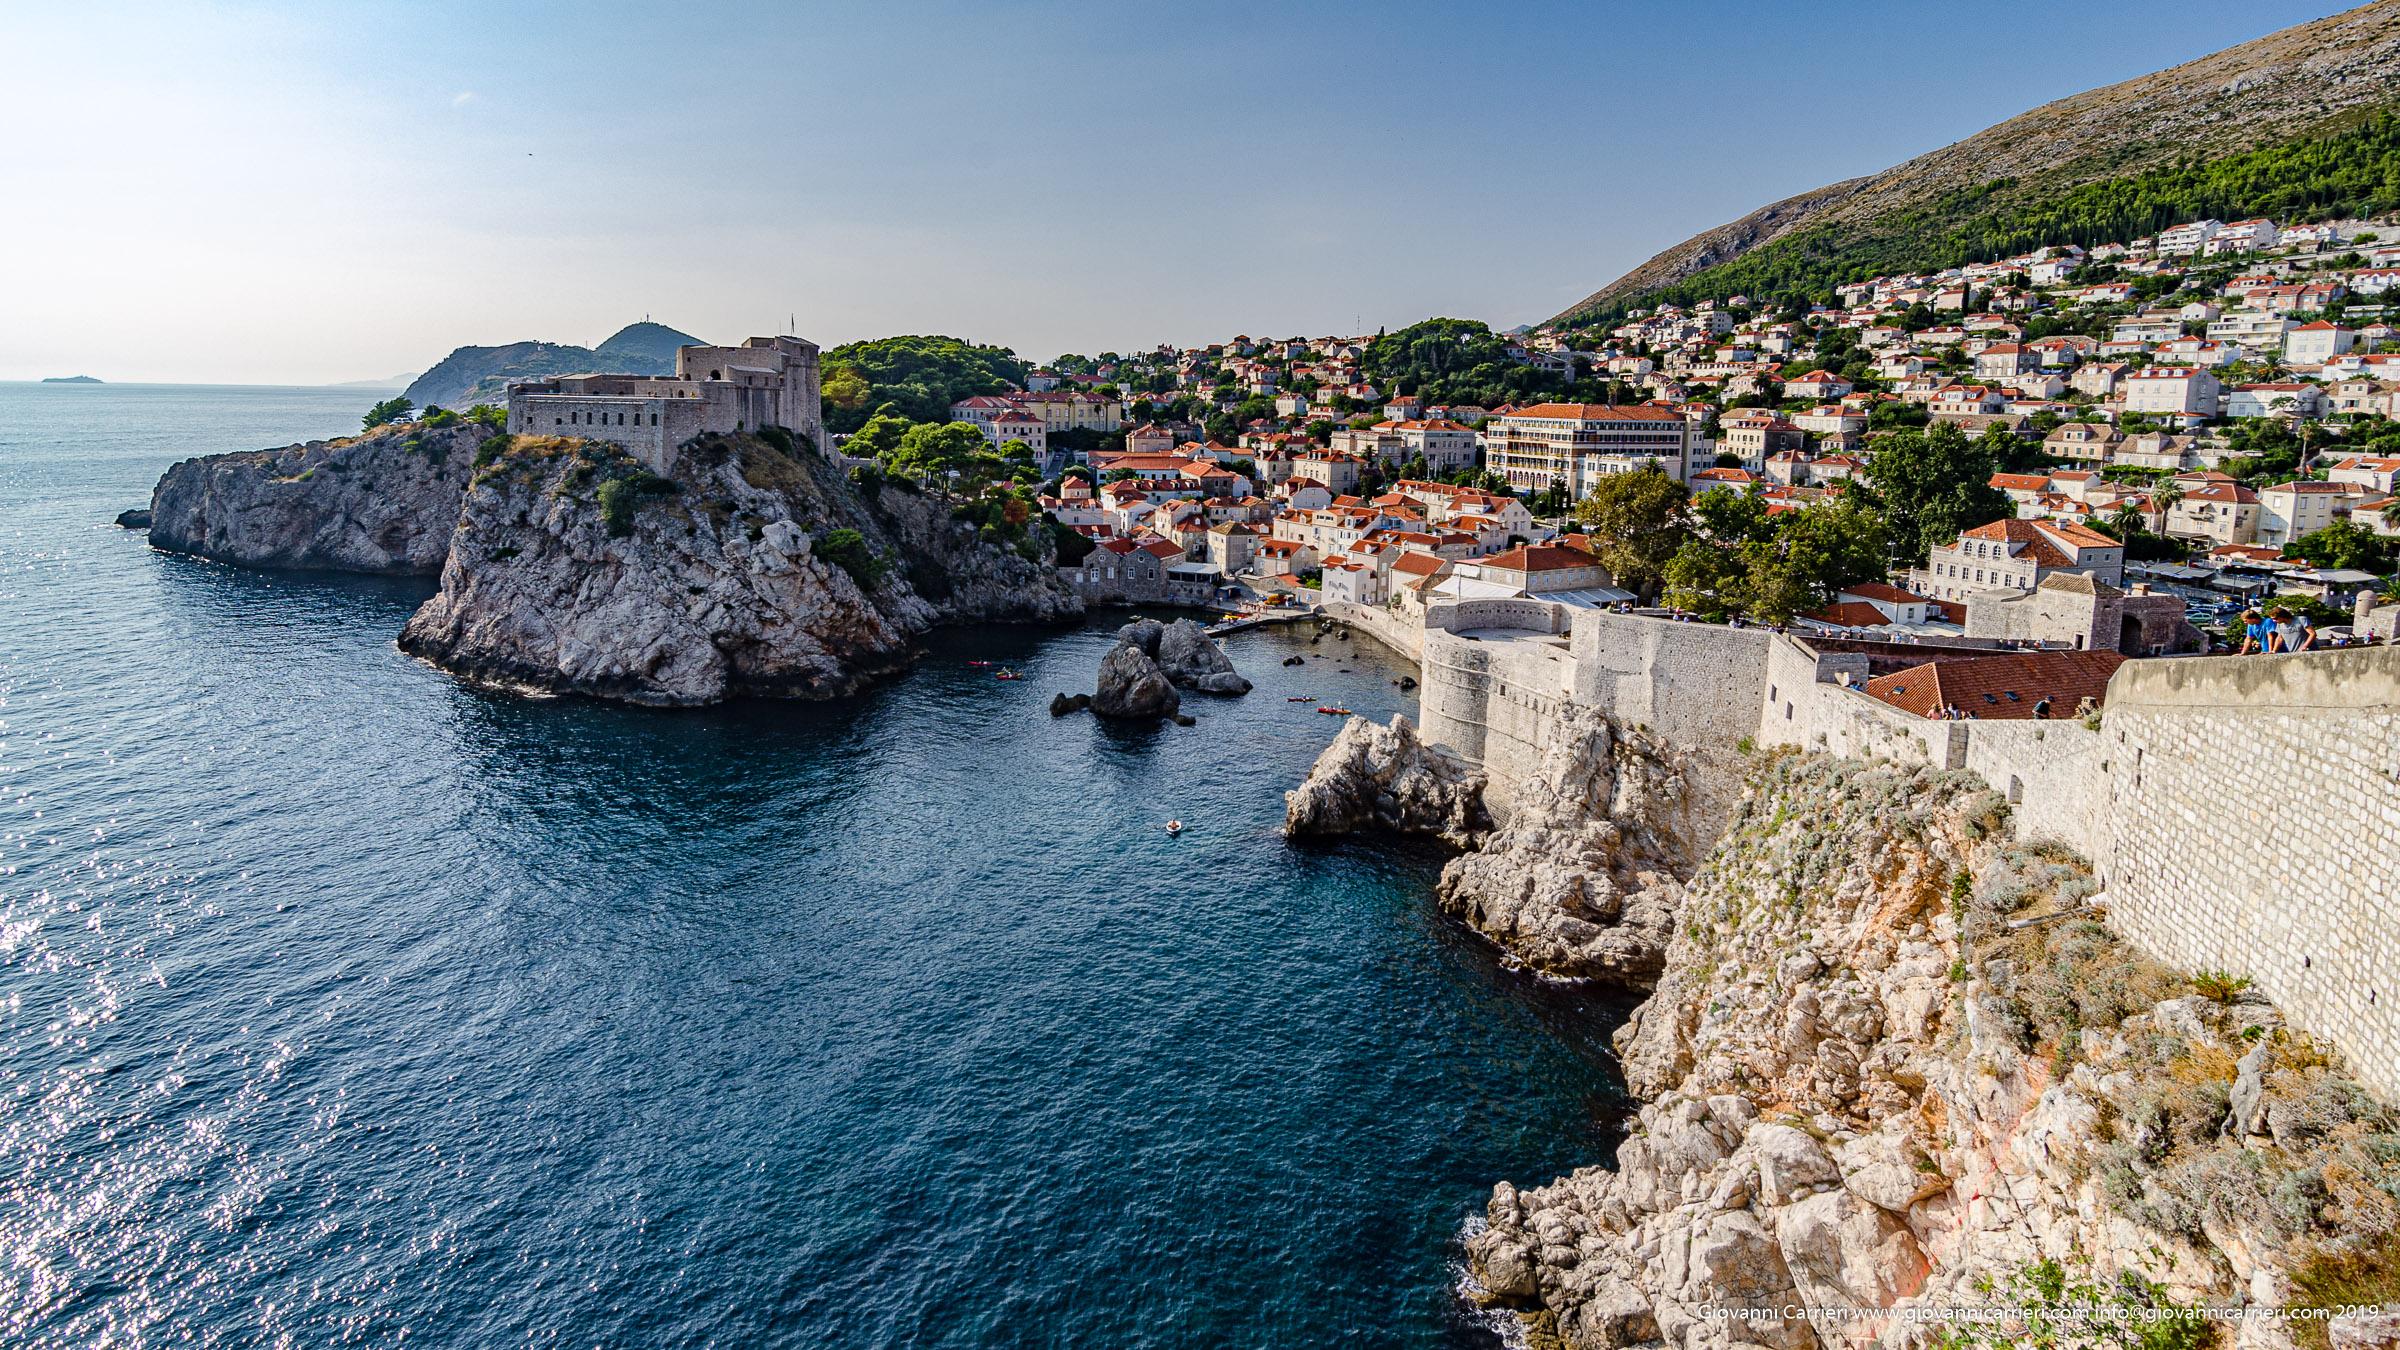 Il castello di Dubrovnik visto dalla cinta muraria del borgo